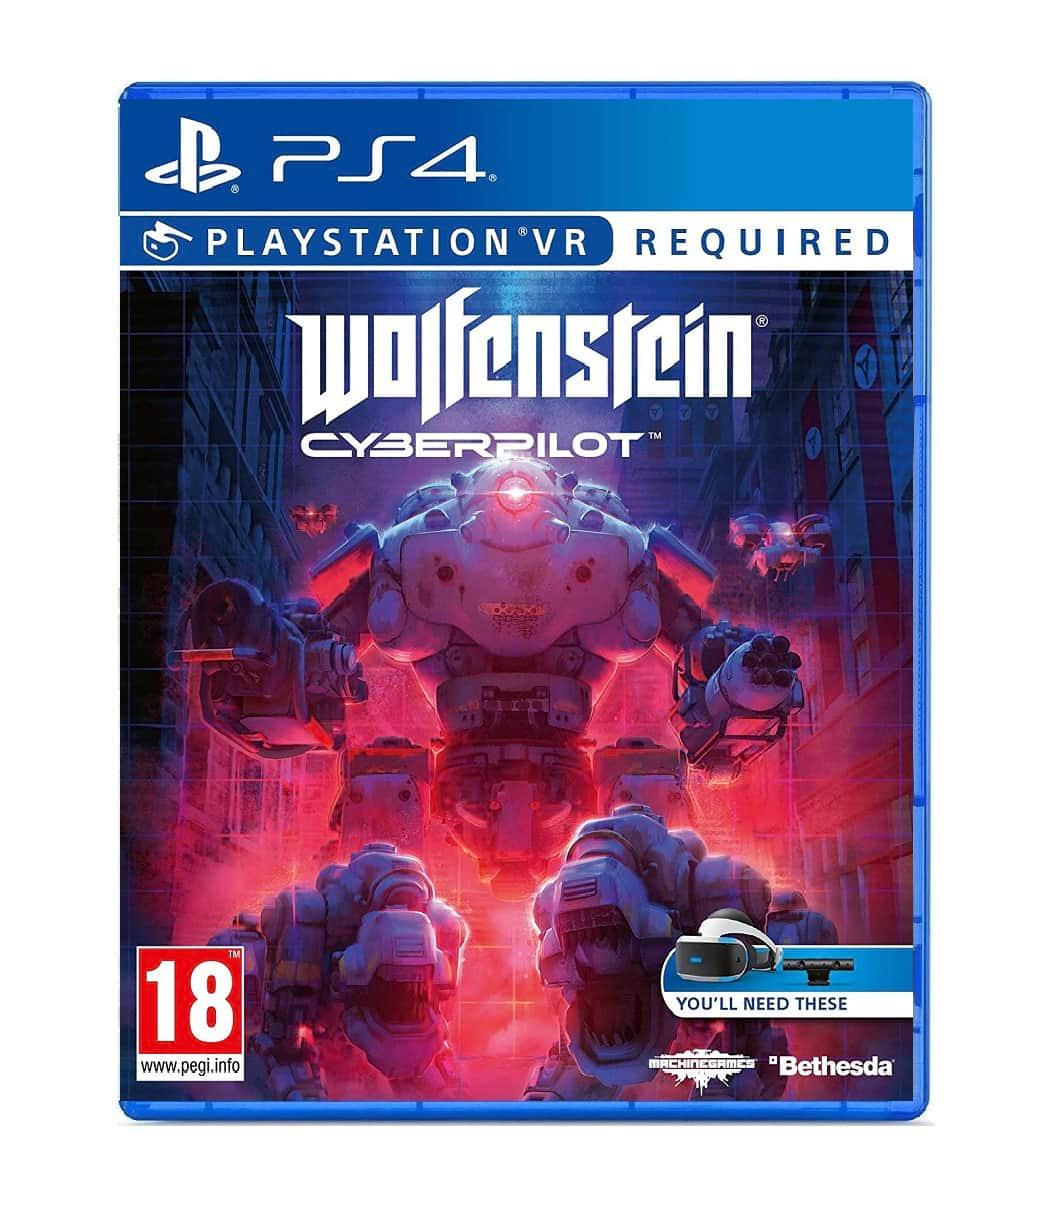 Wolfenstein-Cyberpilot Vr